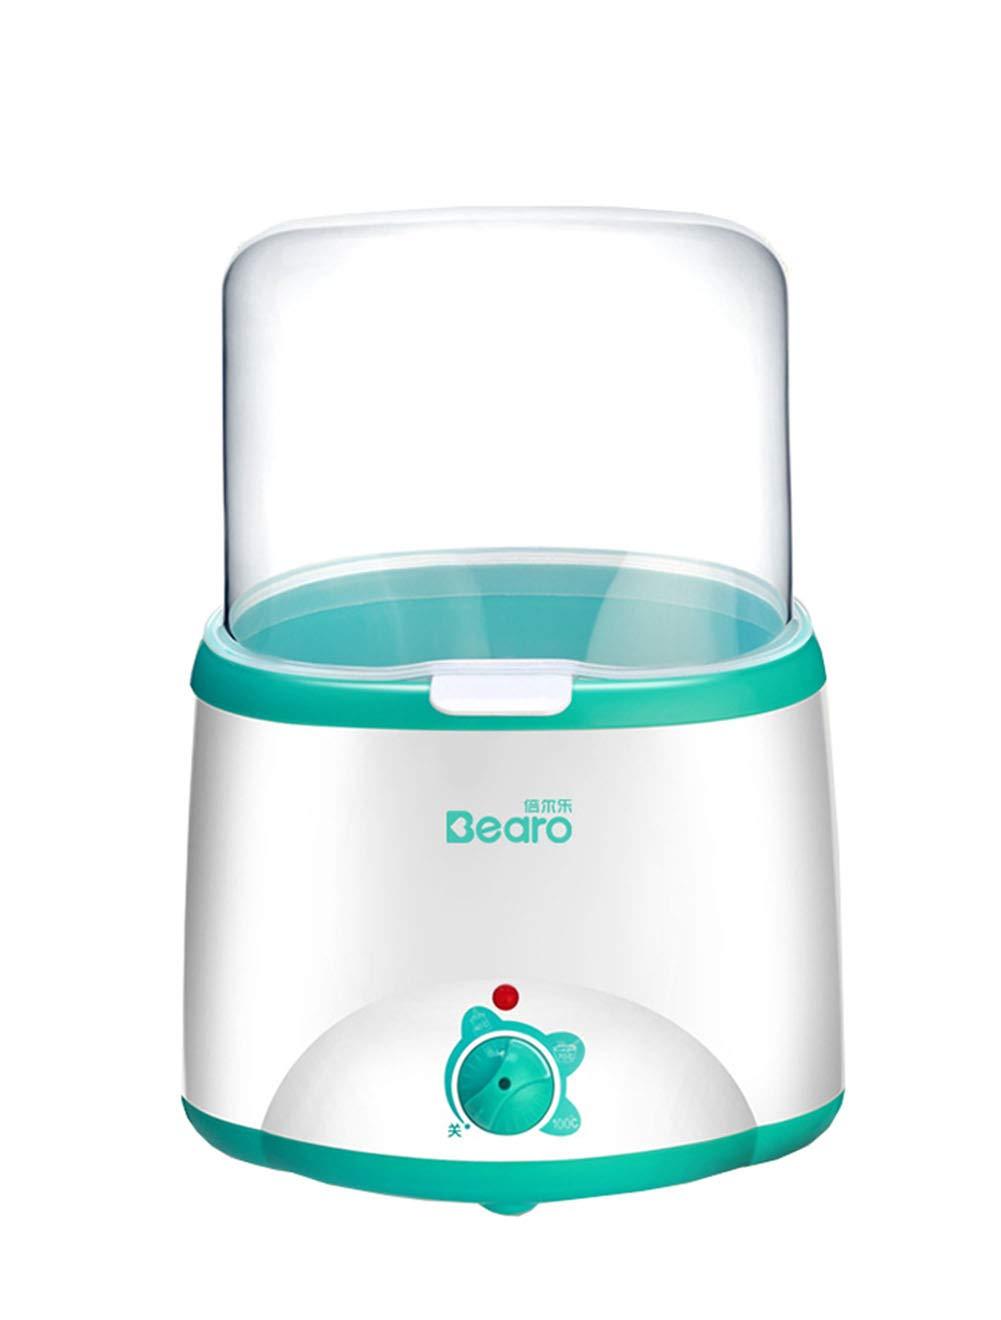 Sterilizer, Double Baby Bottle Warmer Multifunctional Milk Food Heater Steam Sterilizer BPA Free-cyan